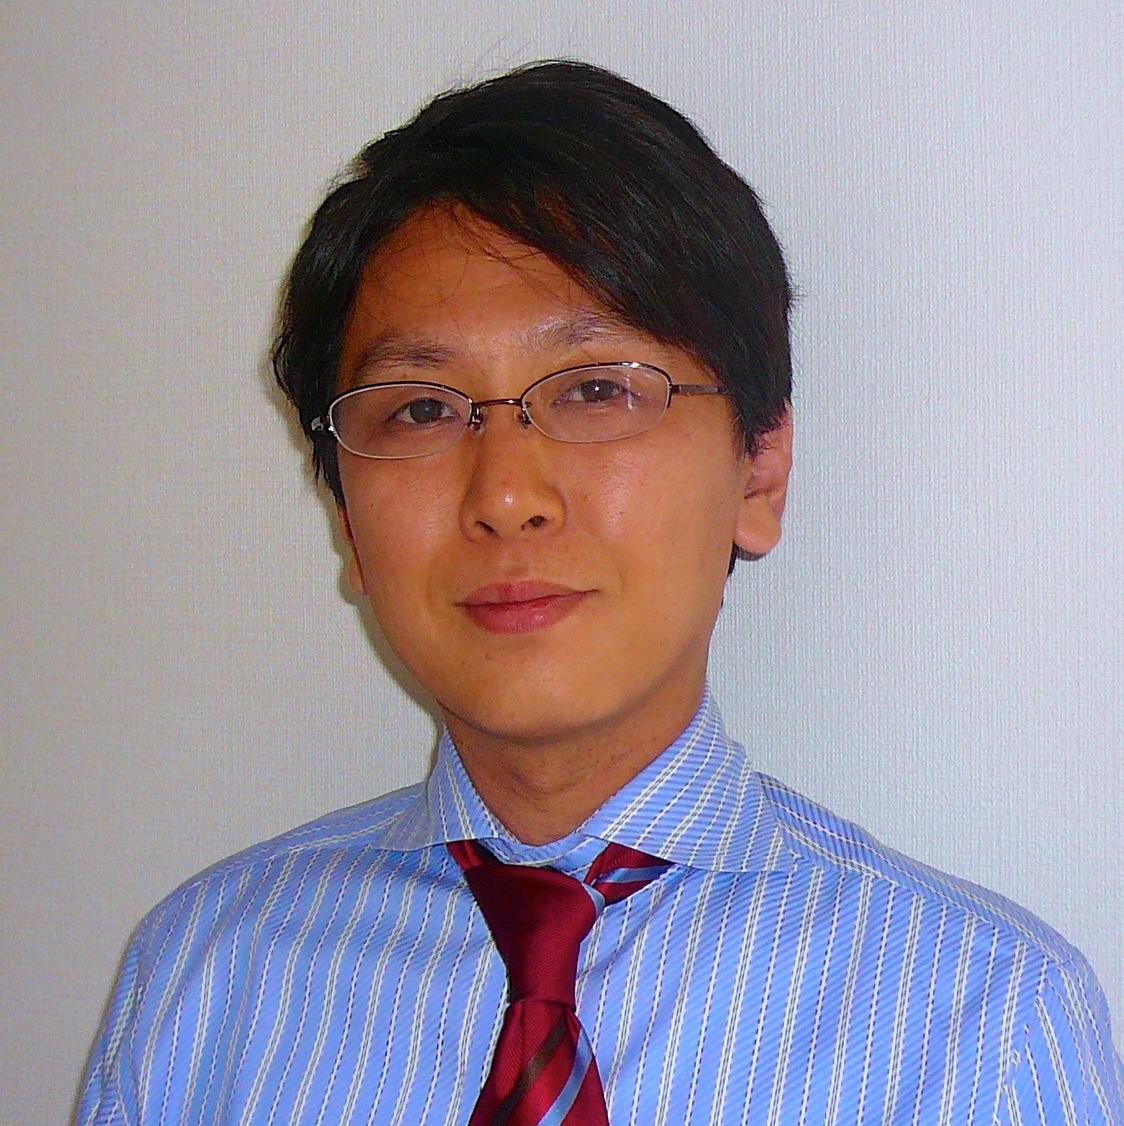 川崎、横浜、神奈川で創業支援、起業相談、労務コンサルティングを行う安田史朗